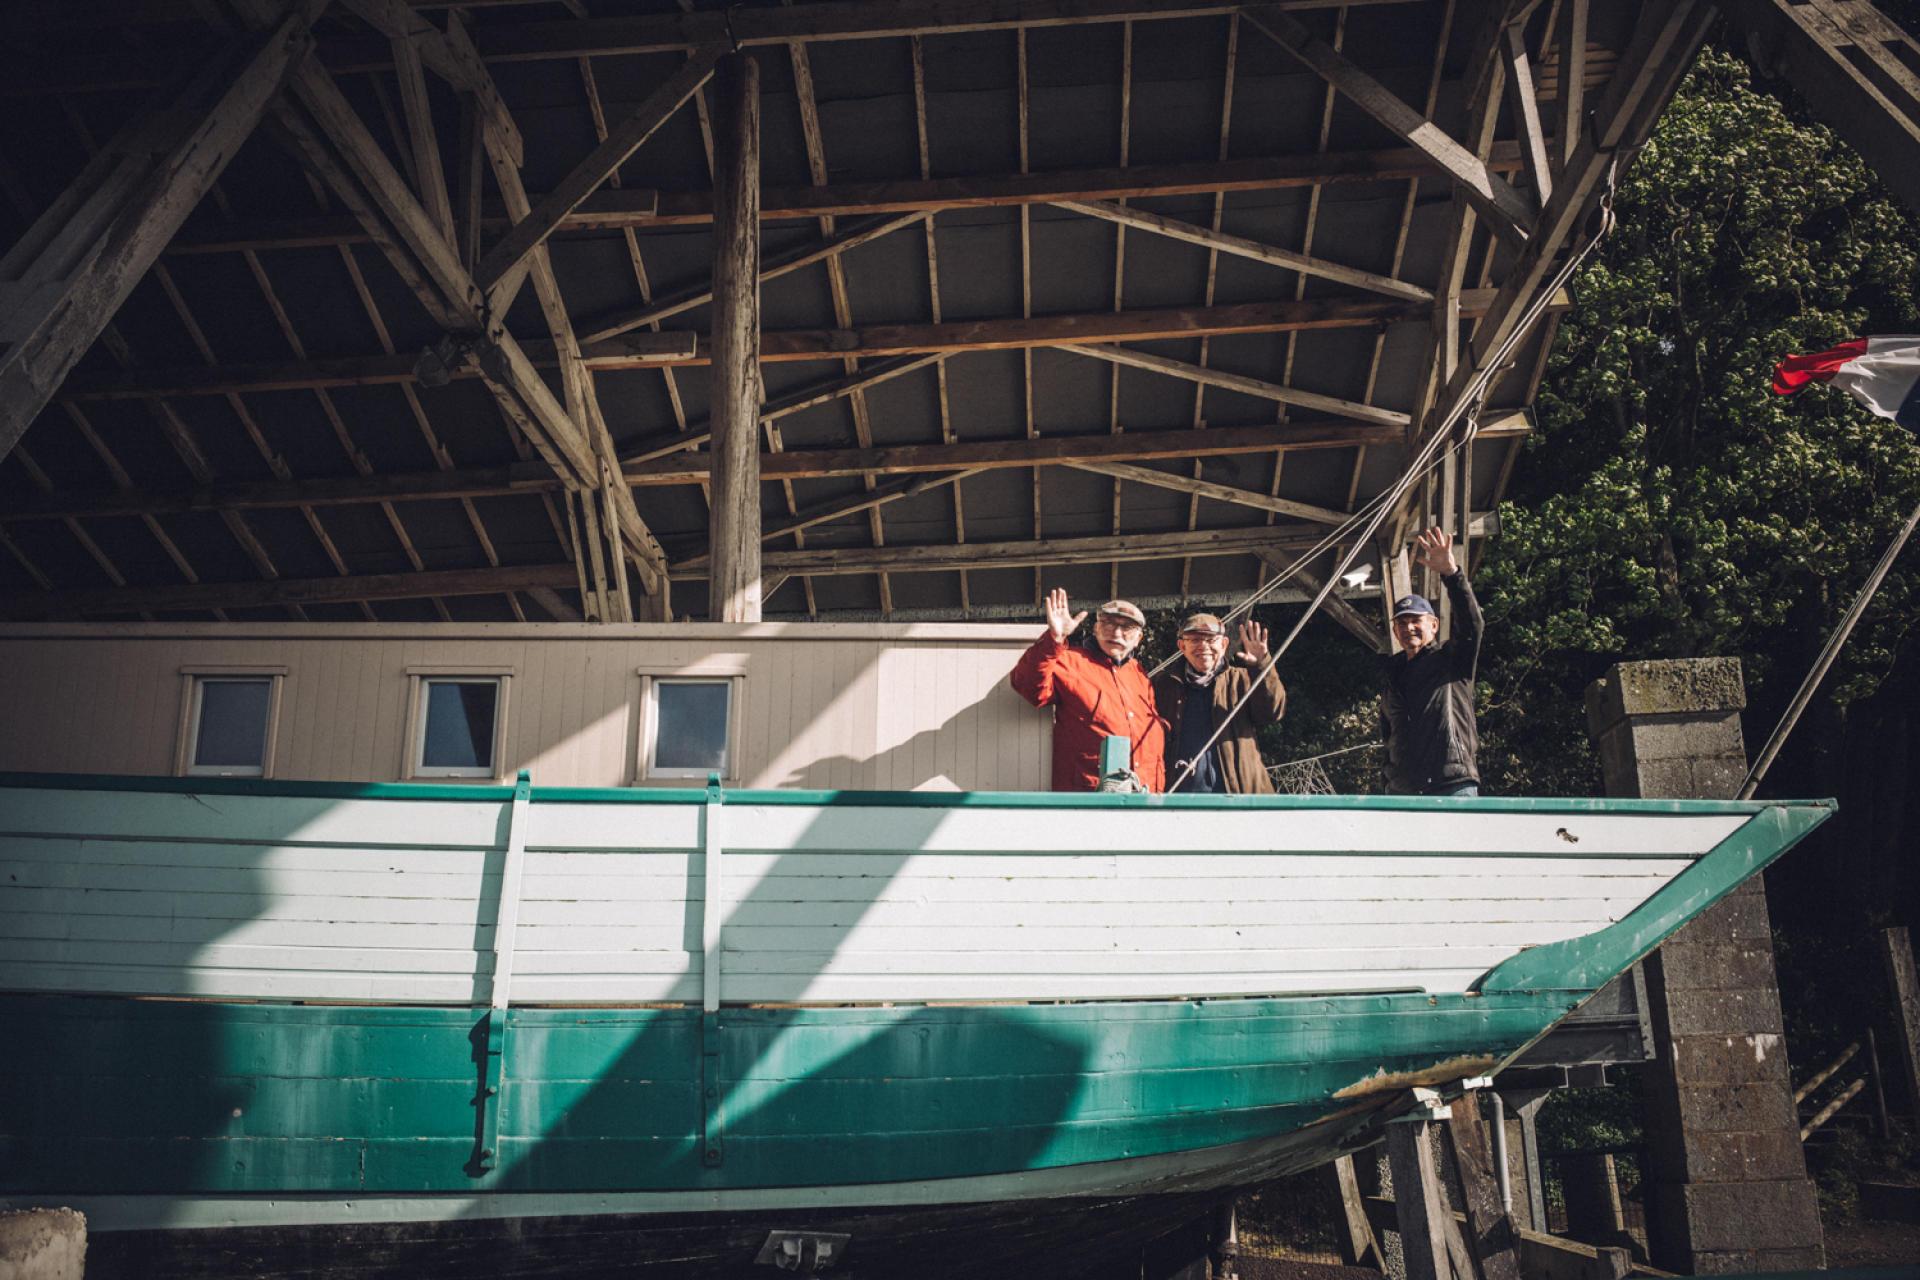 Le dundee «Ar-Zénith», dans la cale des torpilleurs à Saint-Servan (Ille-et-Vilaine), le 21 mai 2021, A bord, trois membres de l'amicale France libre-«Ar Zénith» (de gauche à droite) : Bernard Bertrand, Jean-Claude Fèvre et Claude-Alain Liot.